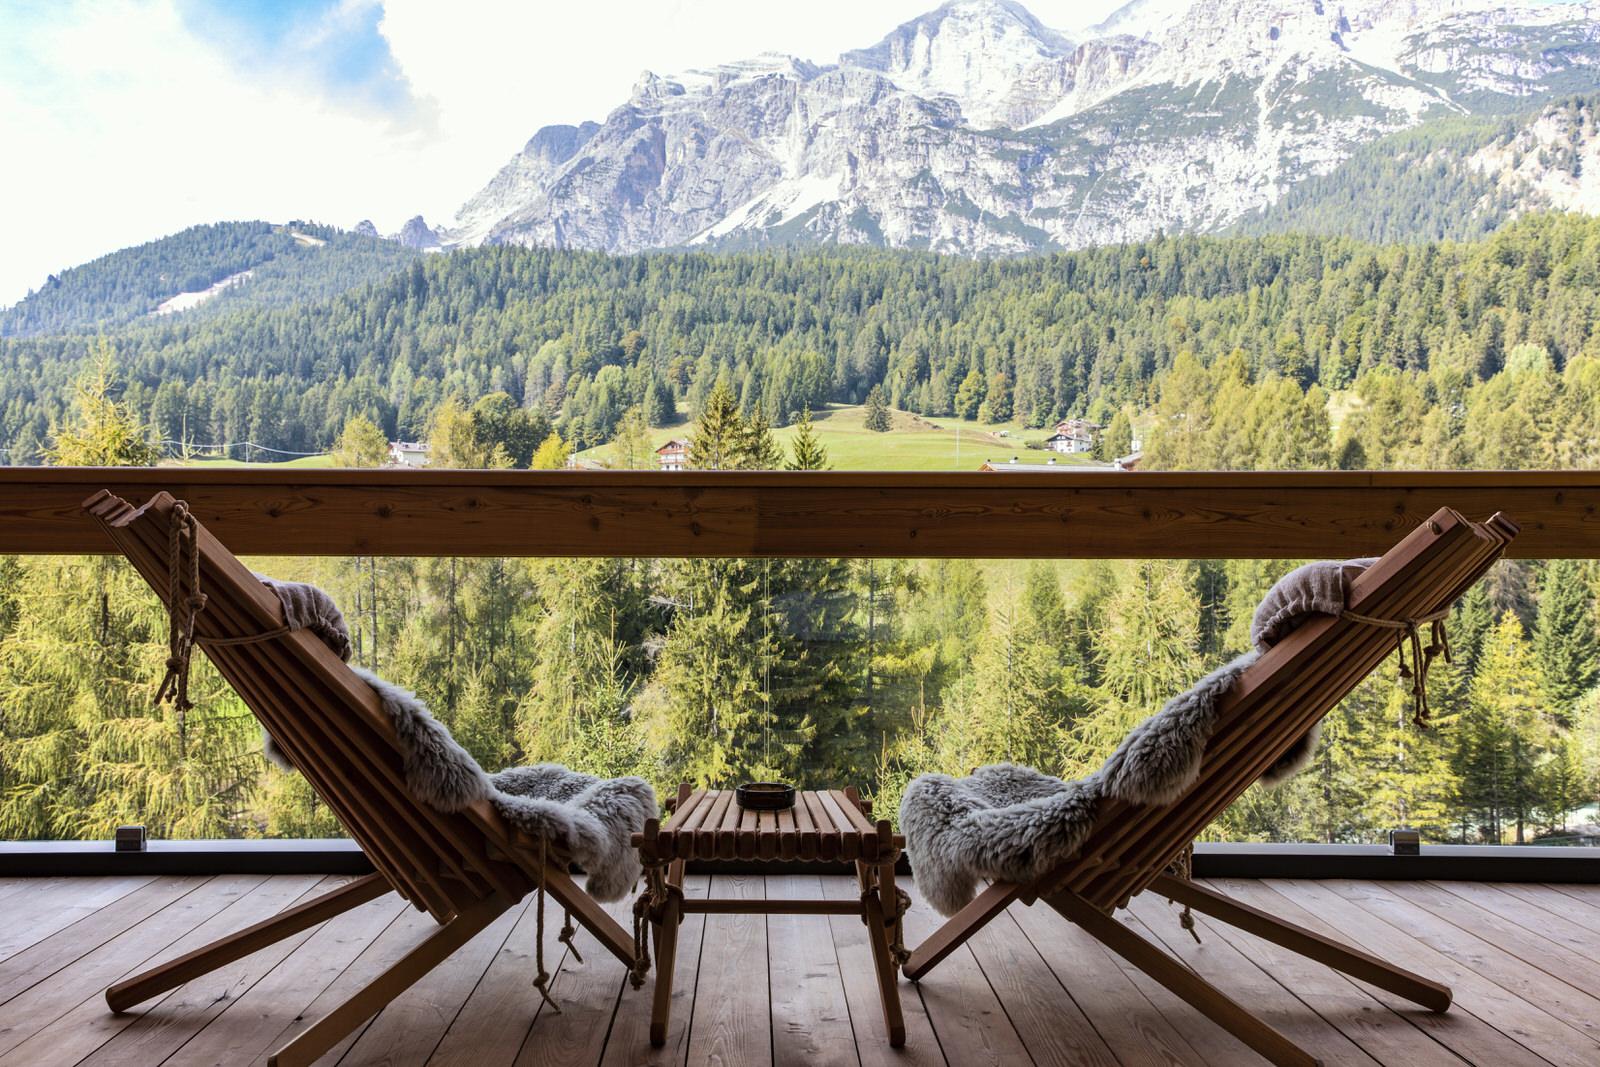 Der Panorama-Balkon bieten einen unvergesslichen Blick auf das Dreigestirn der Tofane.